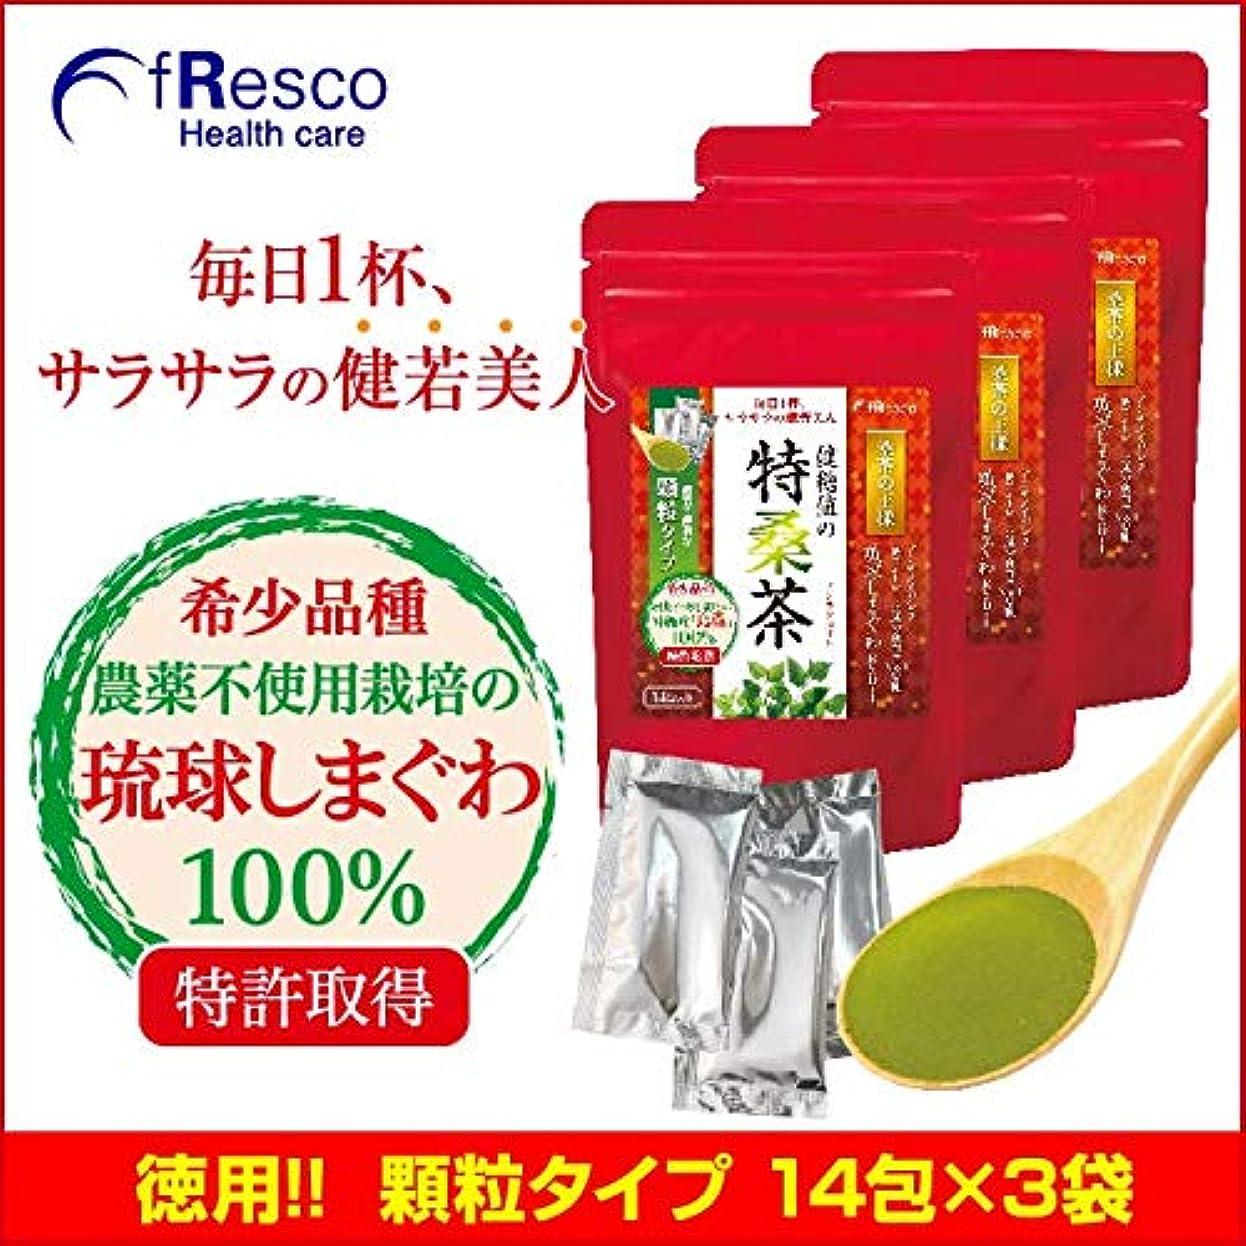 被る令状ダイエット琉球しまぐわ 健糖値の特桑茶 顆粒タイプ14包 90日分(3個セット)